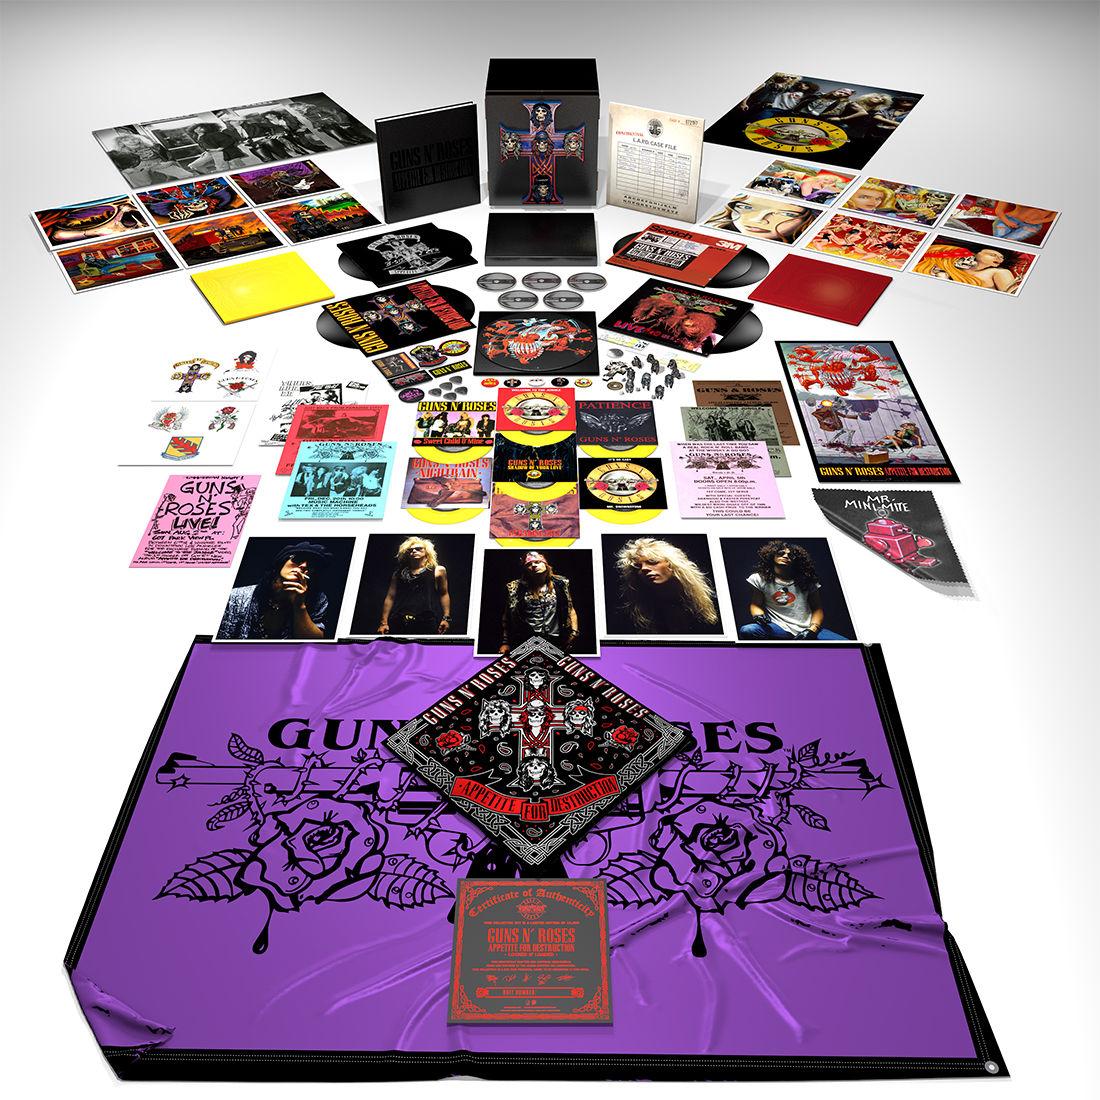 Guns N' Roses to release vinyl box set 'Appetite for